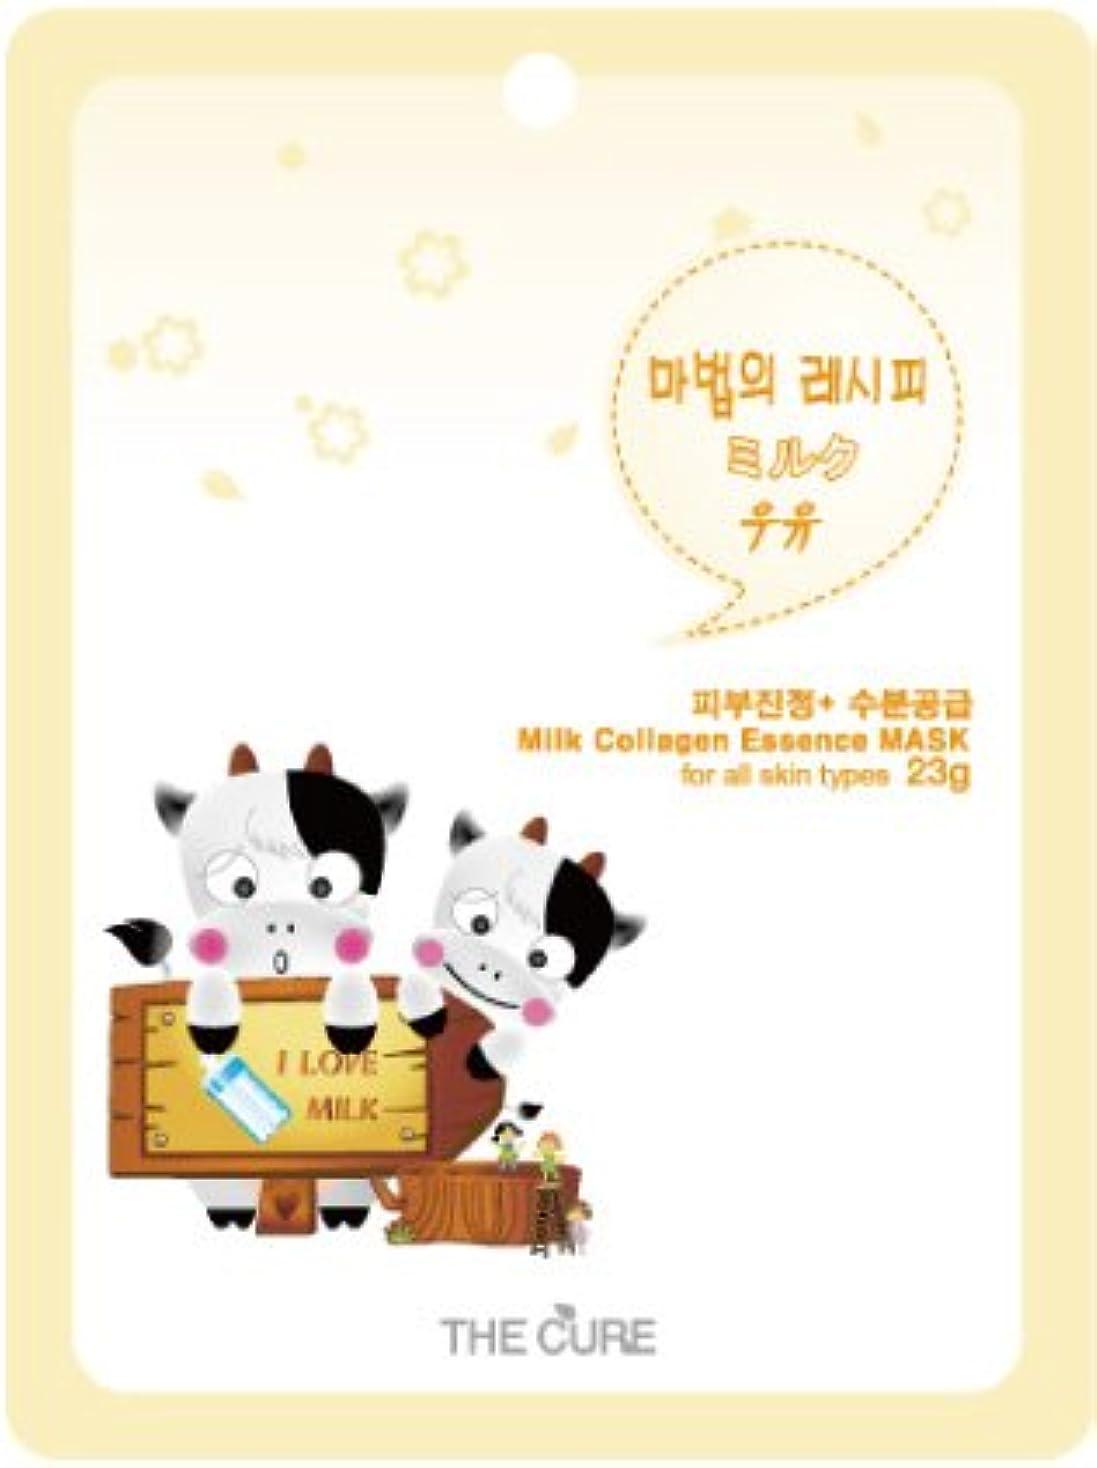 アルコーブ動的忙しいミルク コラーゲン エッセンス マスク THE CURE シート パック 10枚セット 韓国 コスメ 乾燥肌 オイリー肌 混合肌